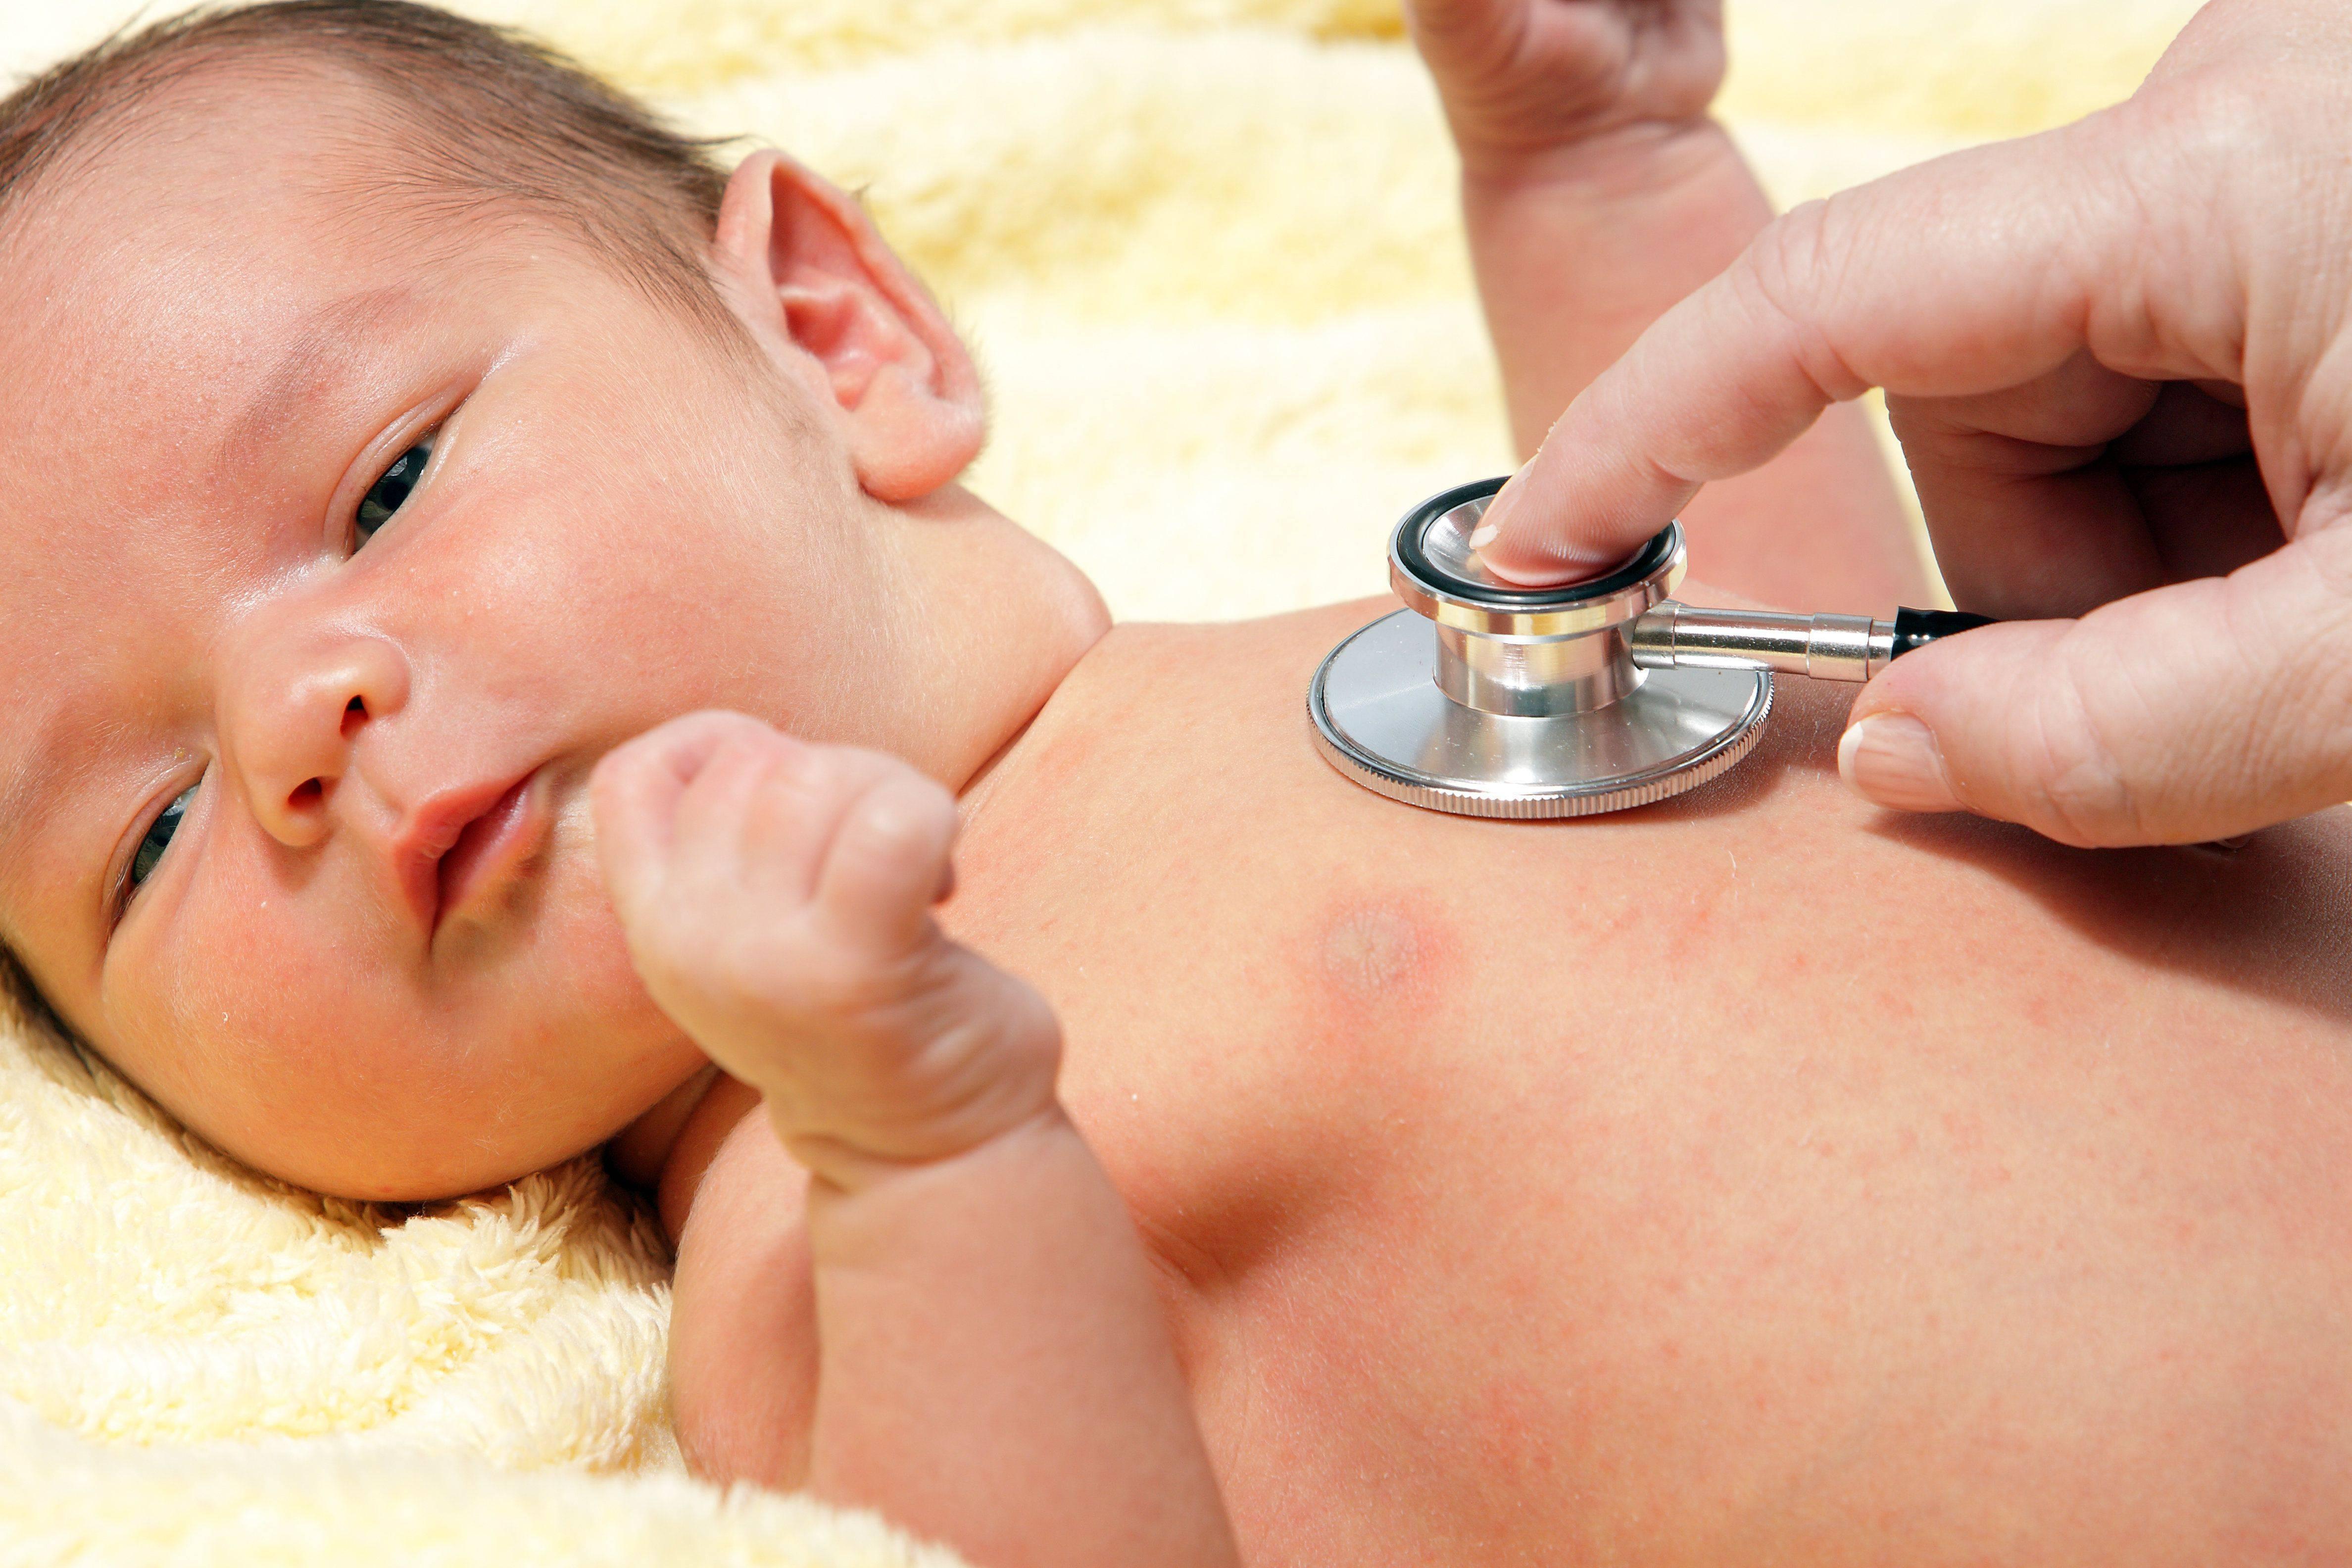 Хрипы, сипы... - новорожденный хрипит когда дышит - запись пользователя алёнища (kangoo1978) в сообществе здоровье новорожденных - babyblog.ru